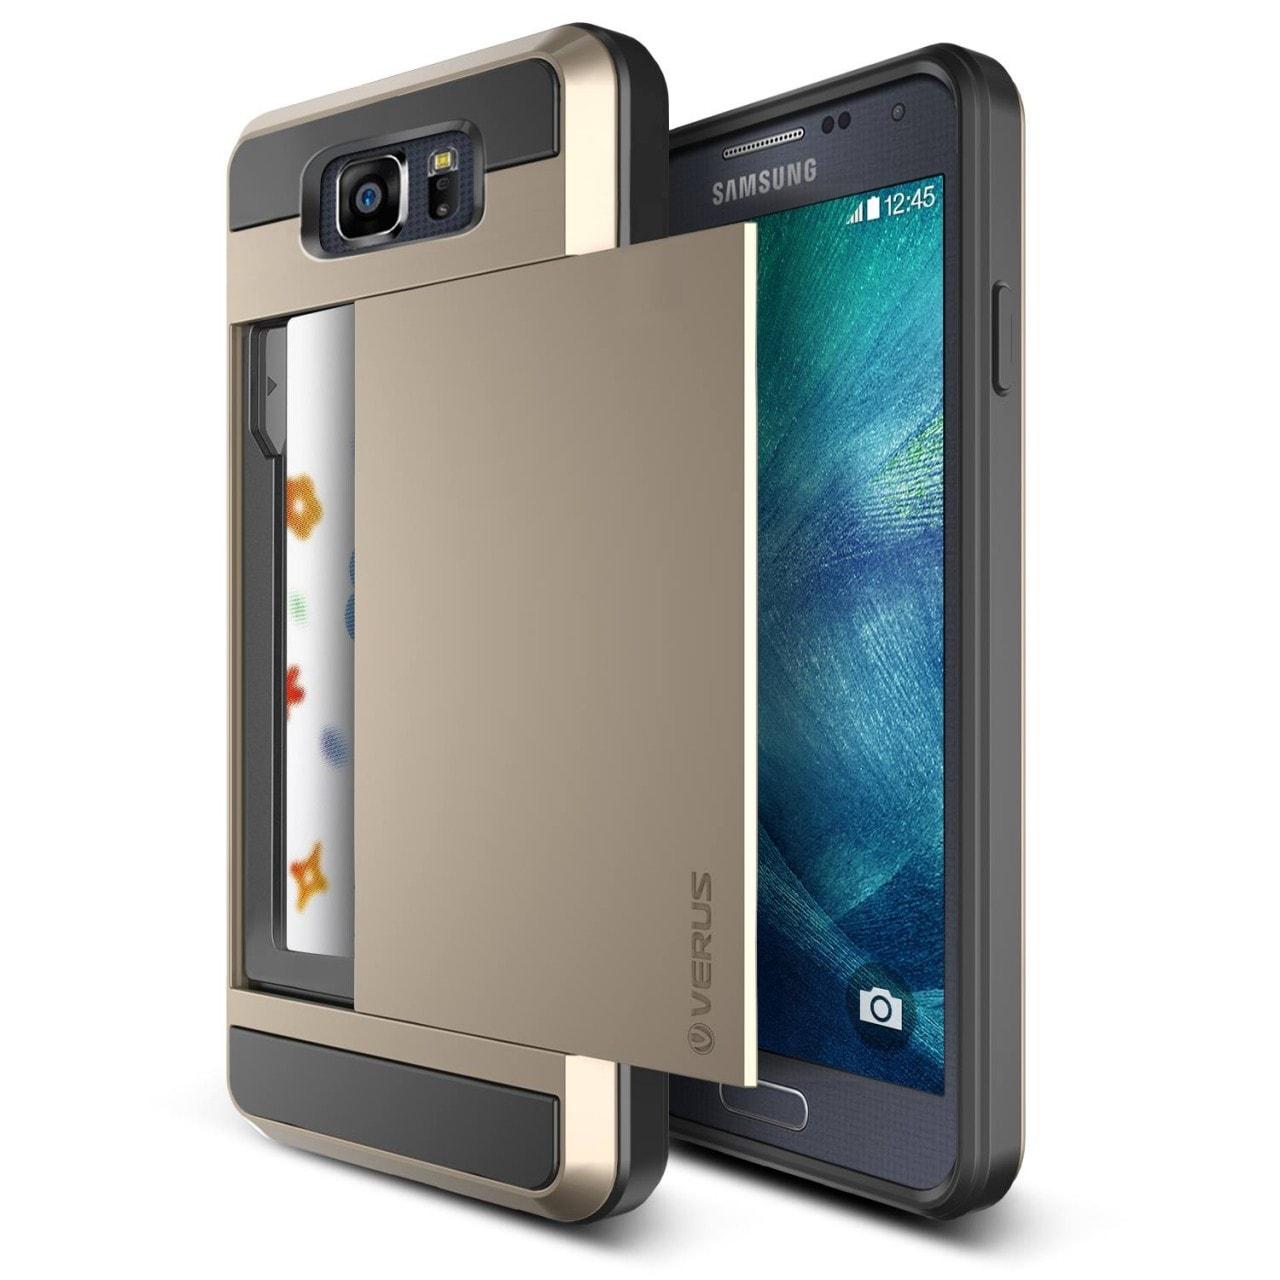 Nuove custodie per Galaxy S6 contengono forse più informazioni di quanto sembri (foto)